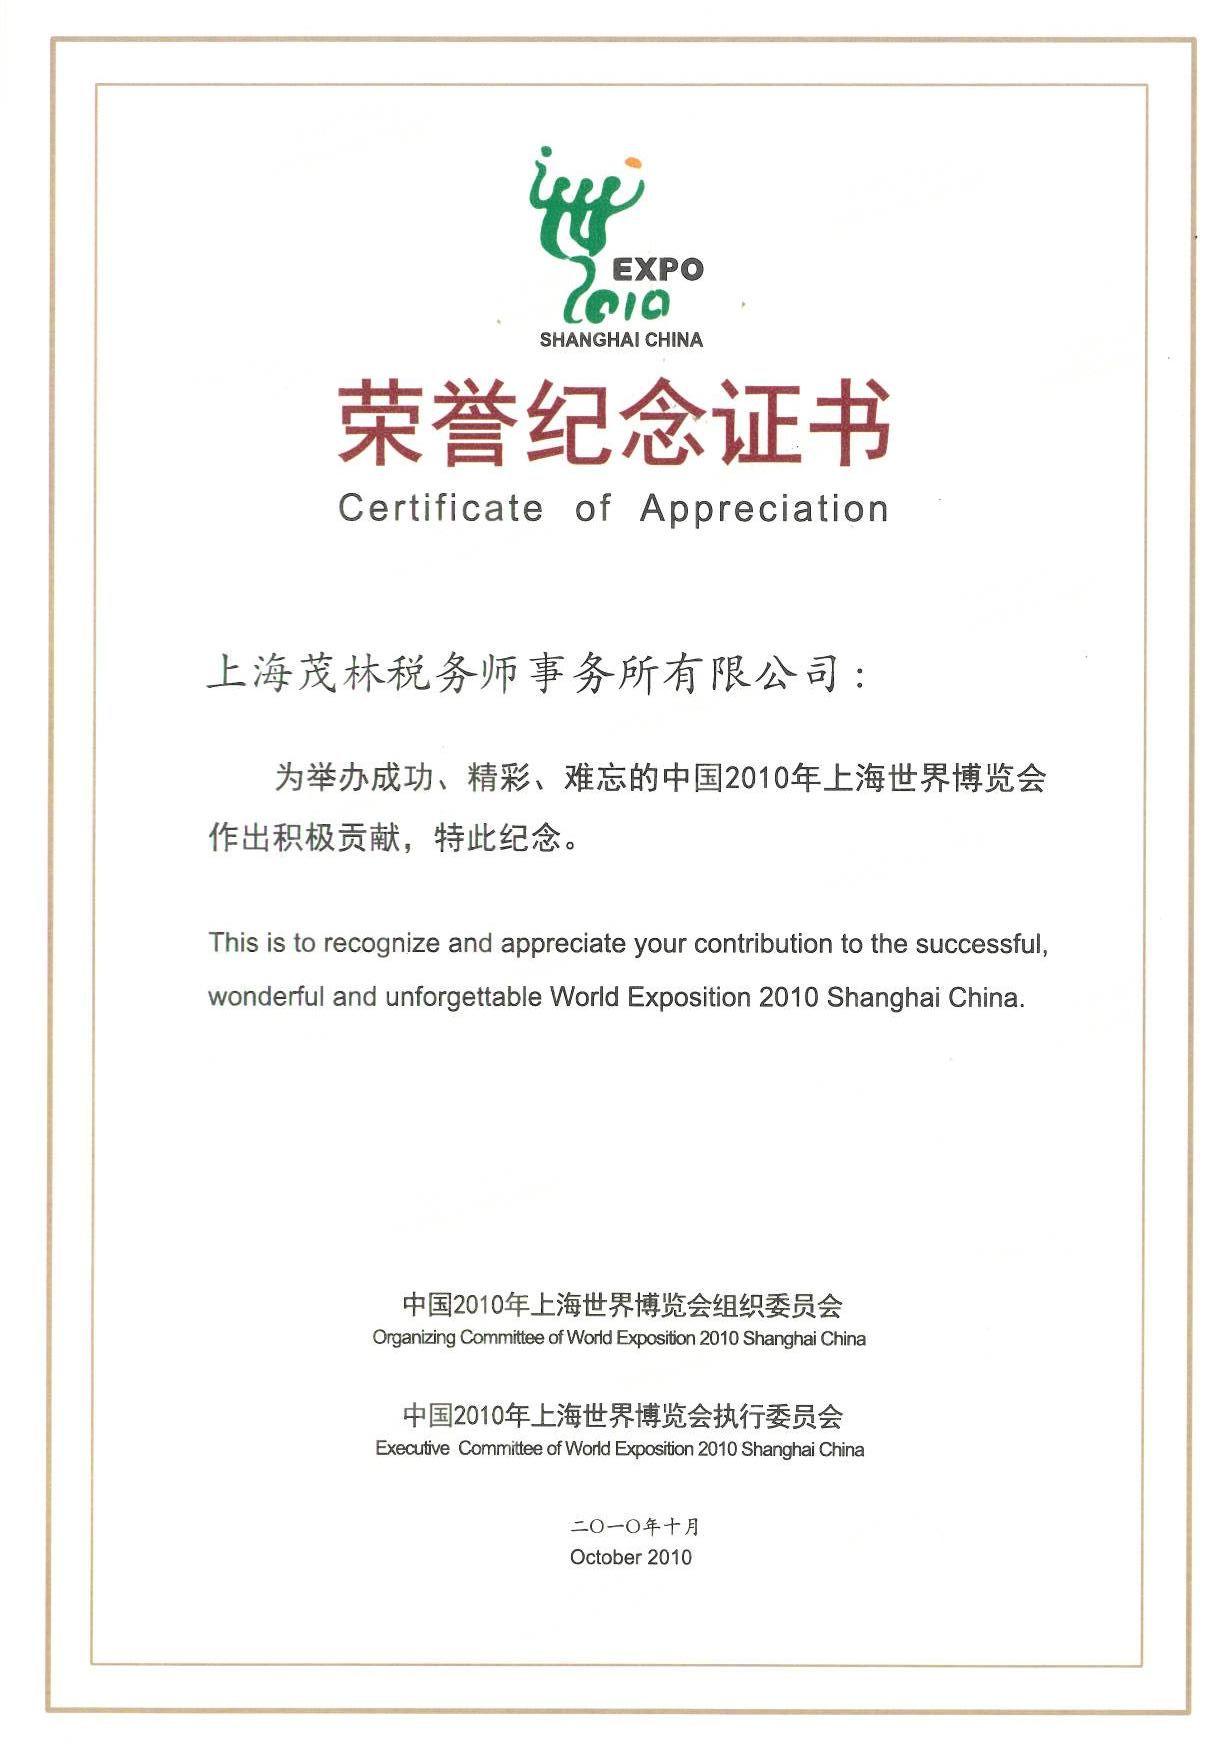 世博荣誉纪念证书